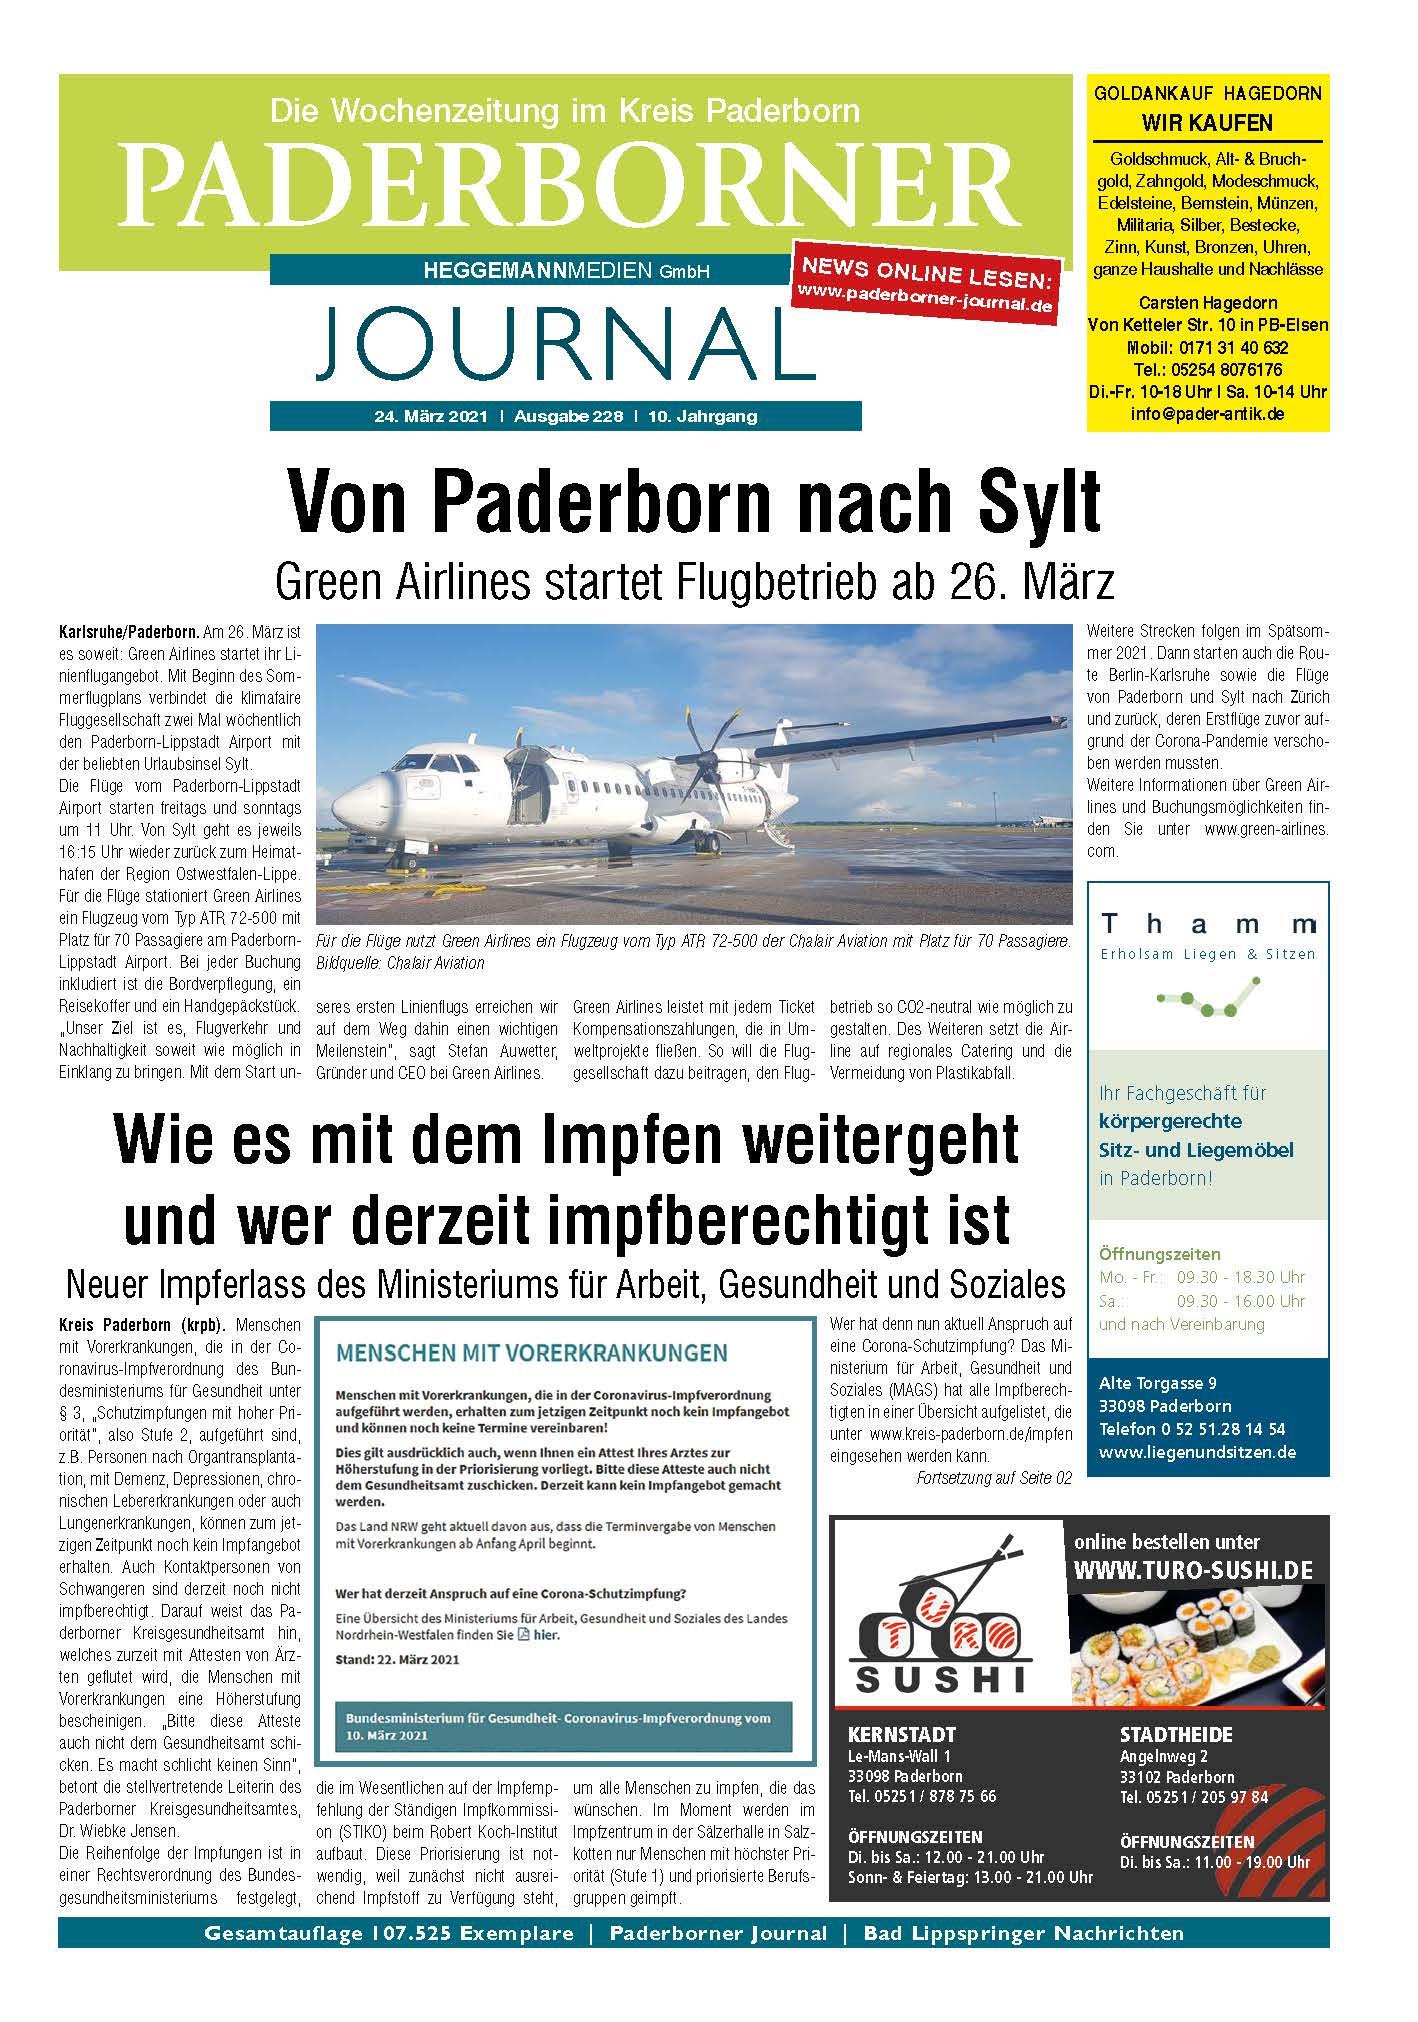 Paderborner Journal 228 vom 24.03.2021